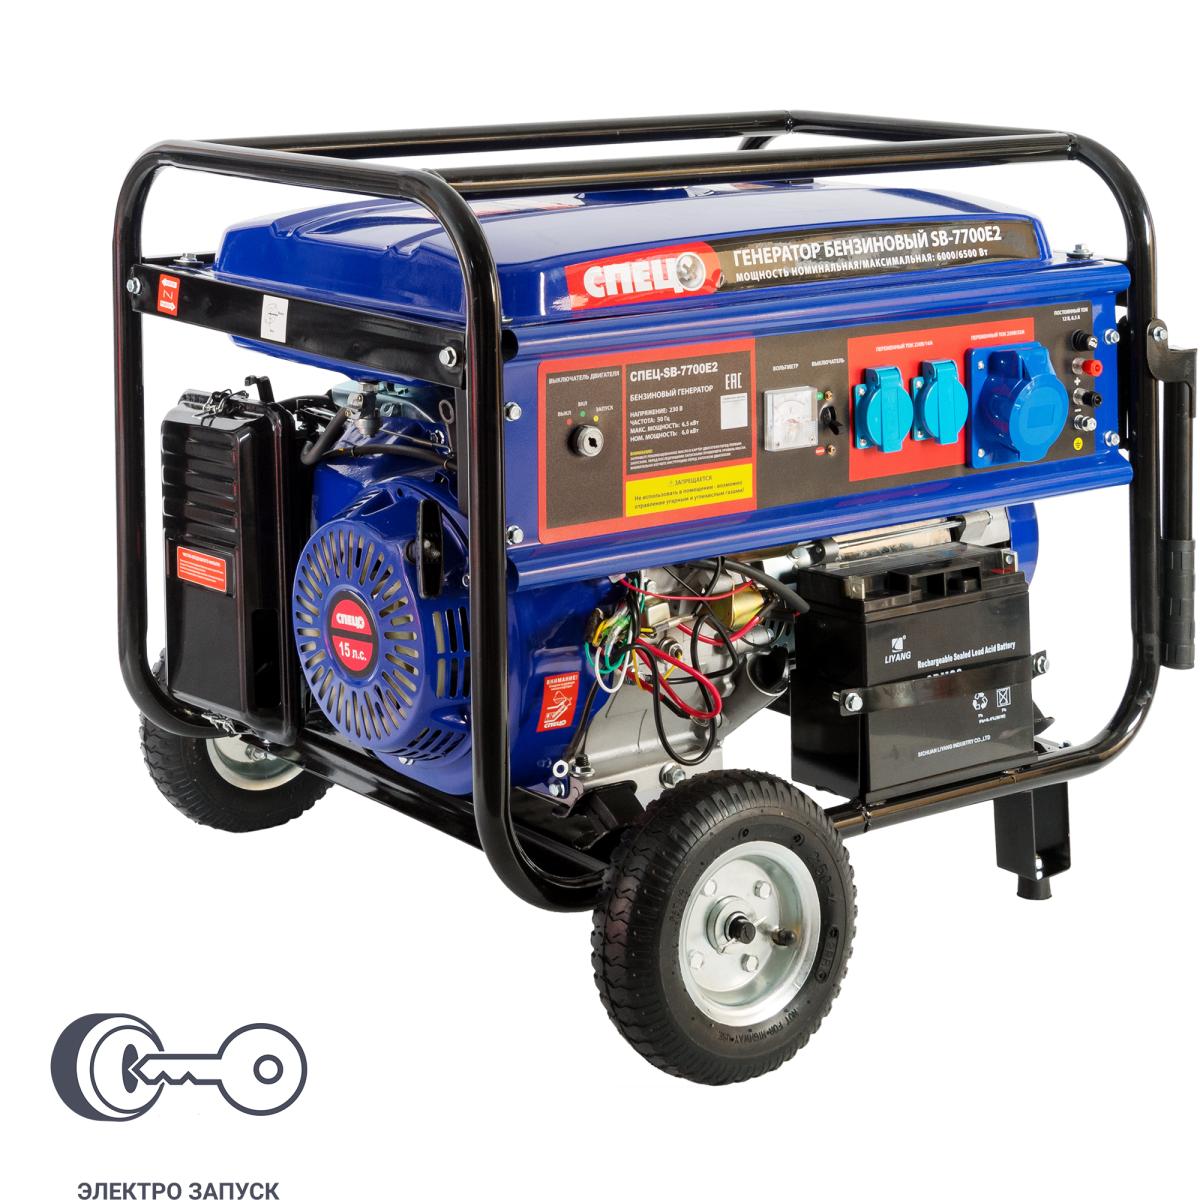 Генератор бензиновый Спец SB-7700E2 6 кВт